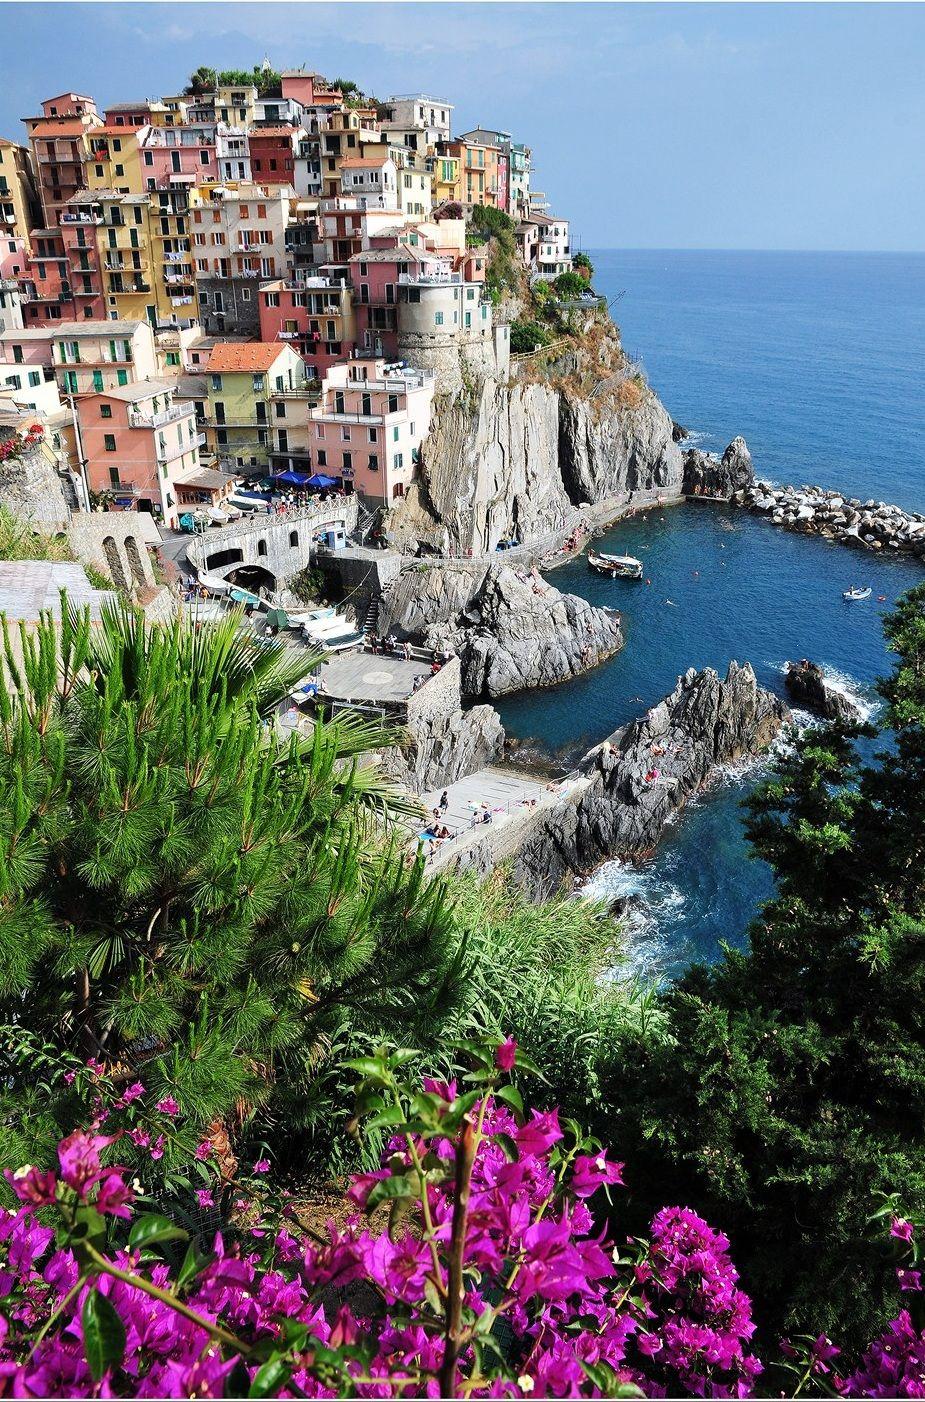 Cinqueterre, Liguria, Italy